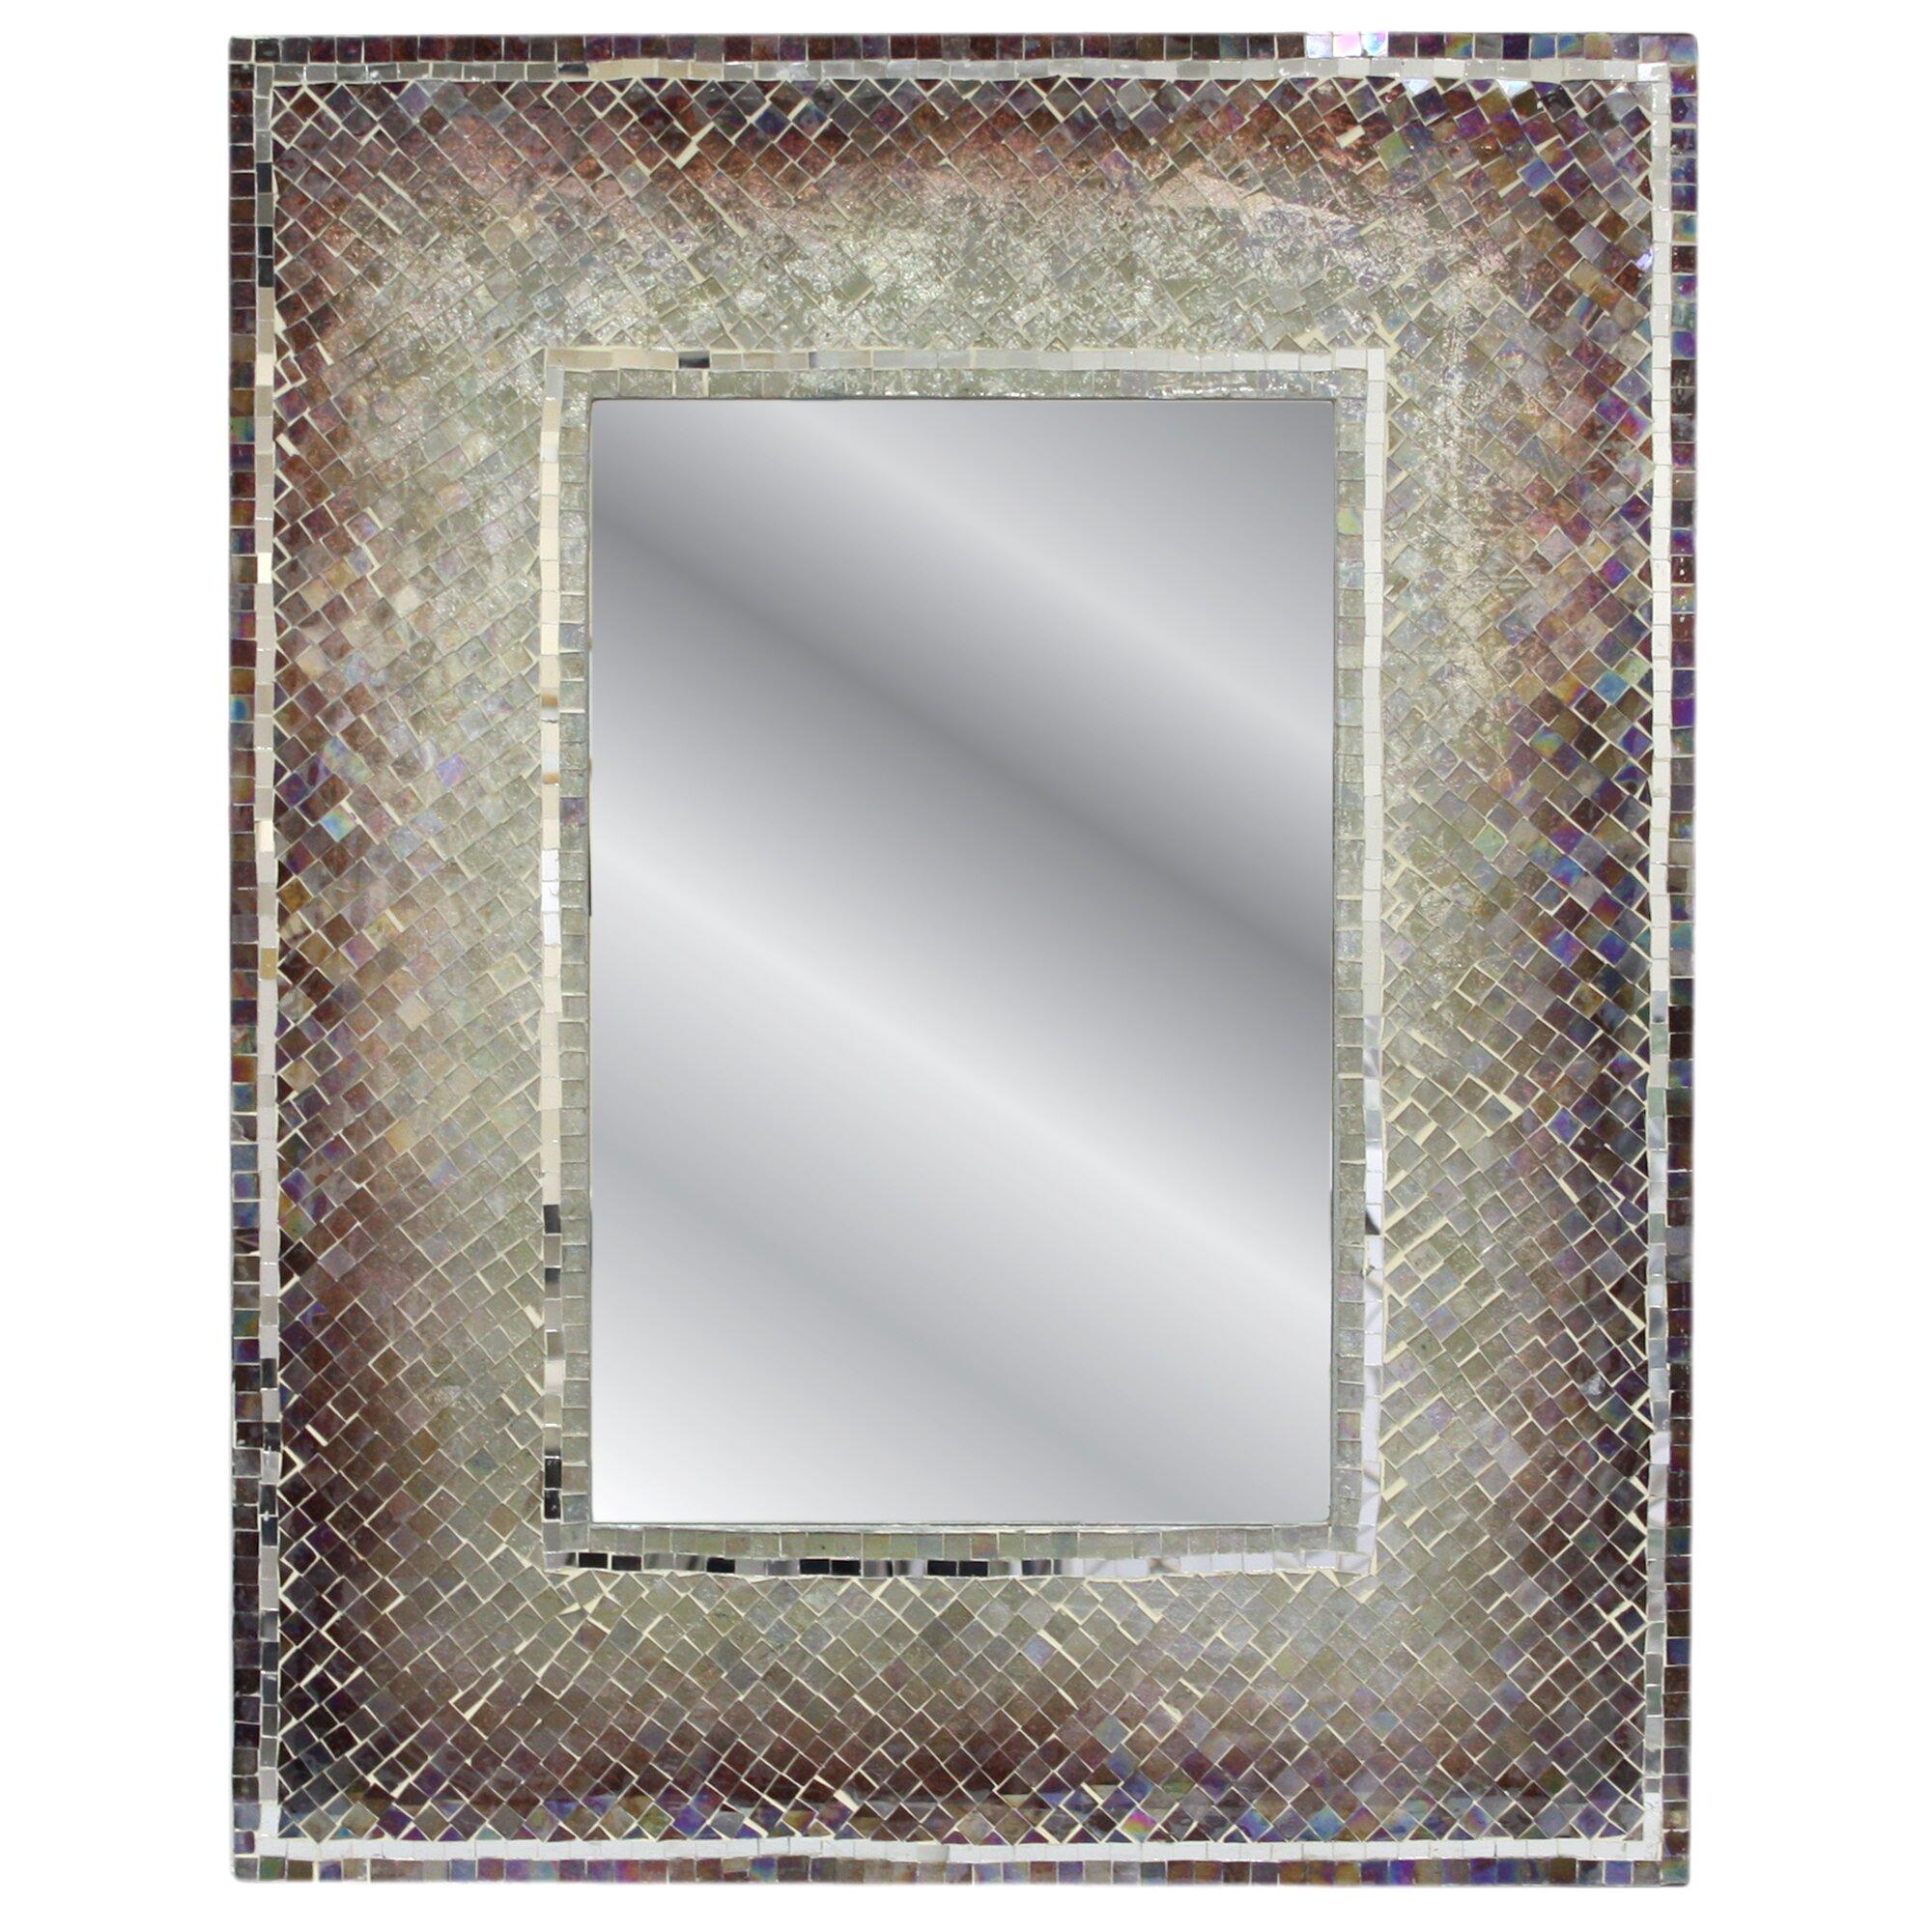 Fetco home decor sanco mosaic mirror reviews for Mosaic home decor